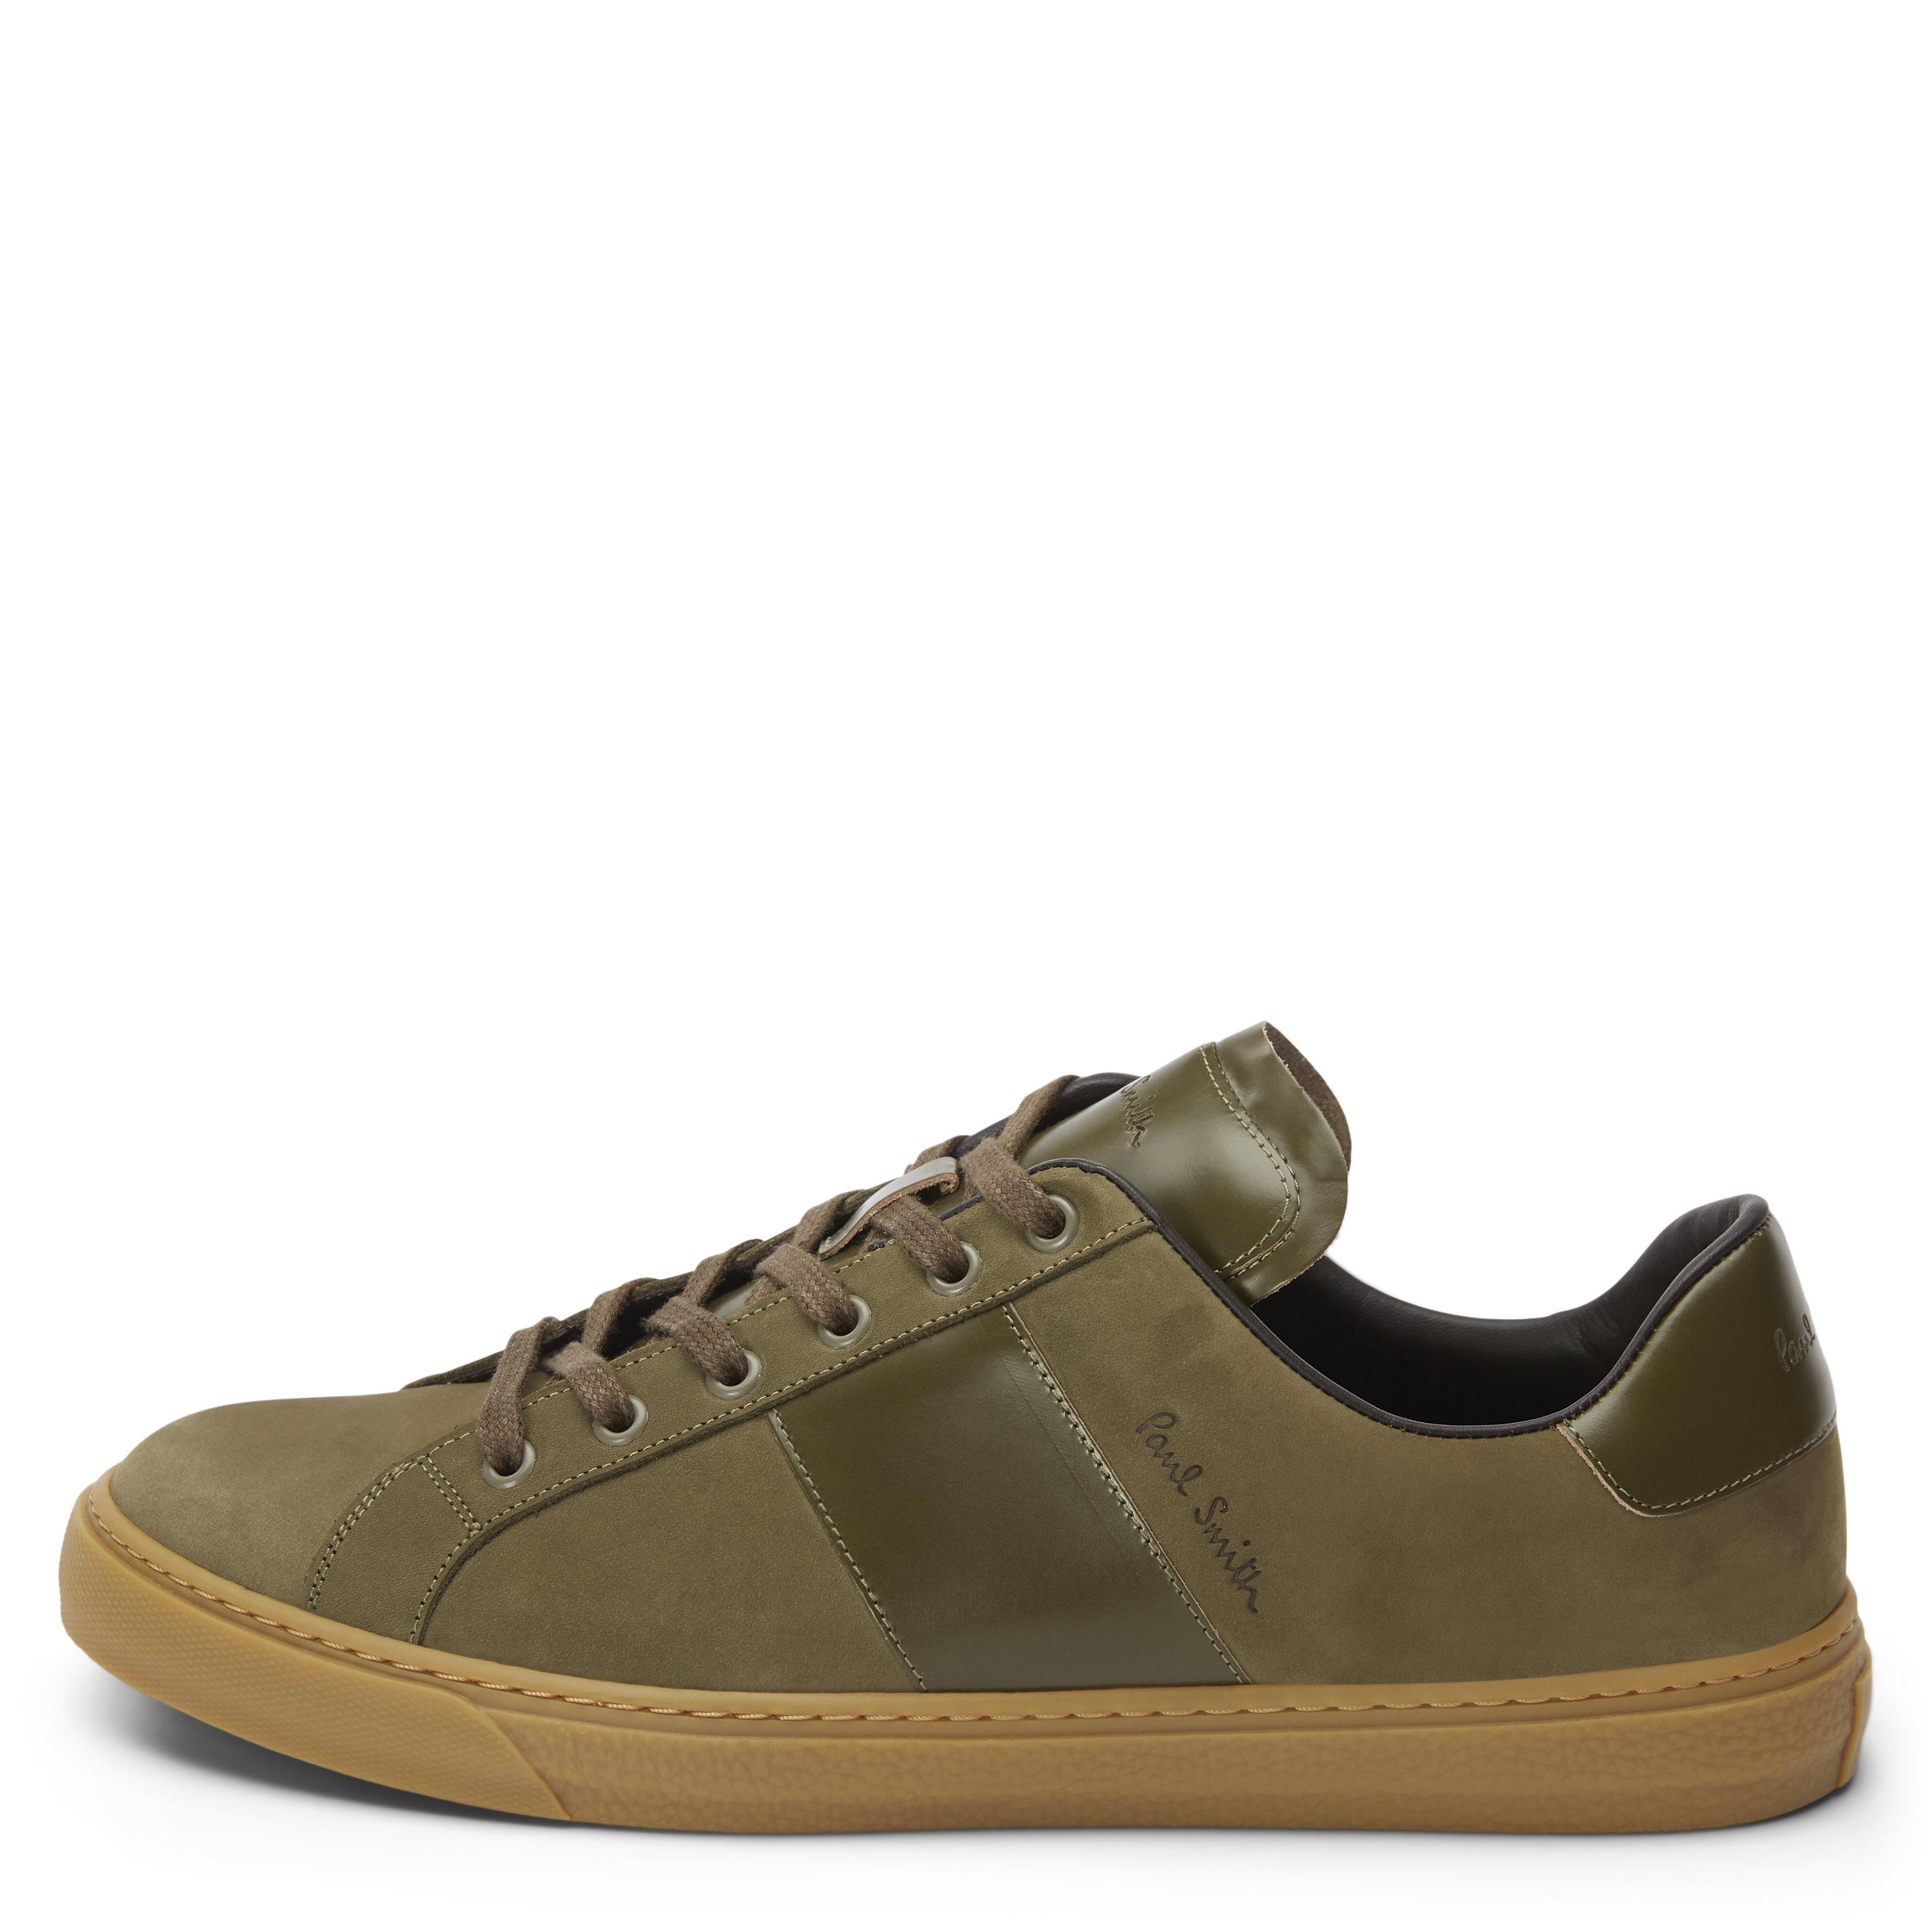 Sneakers - Sko - Grøn